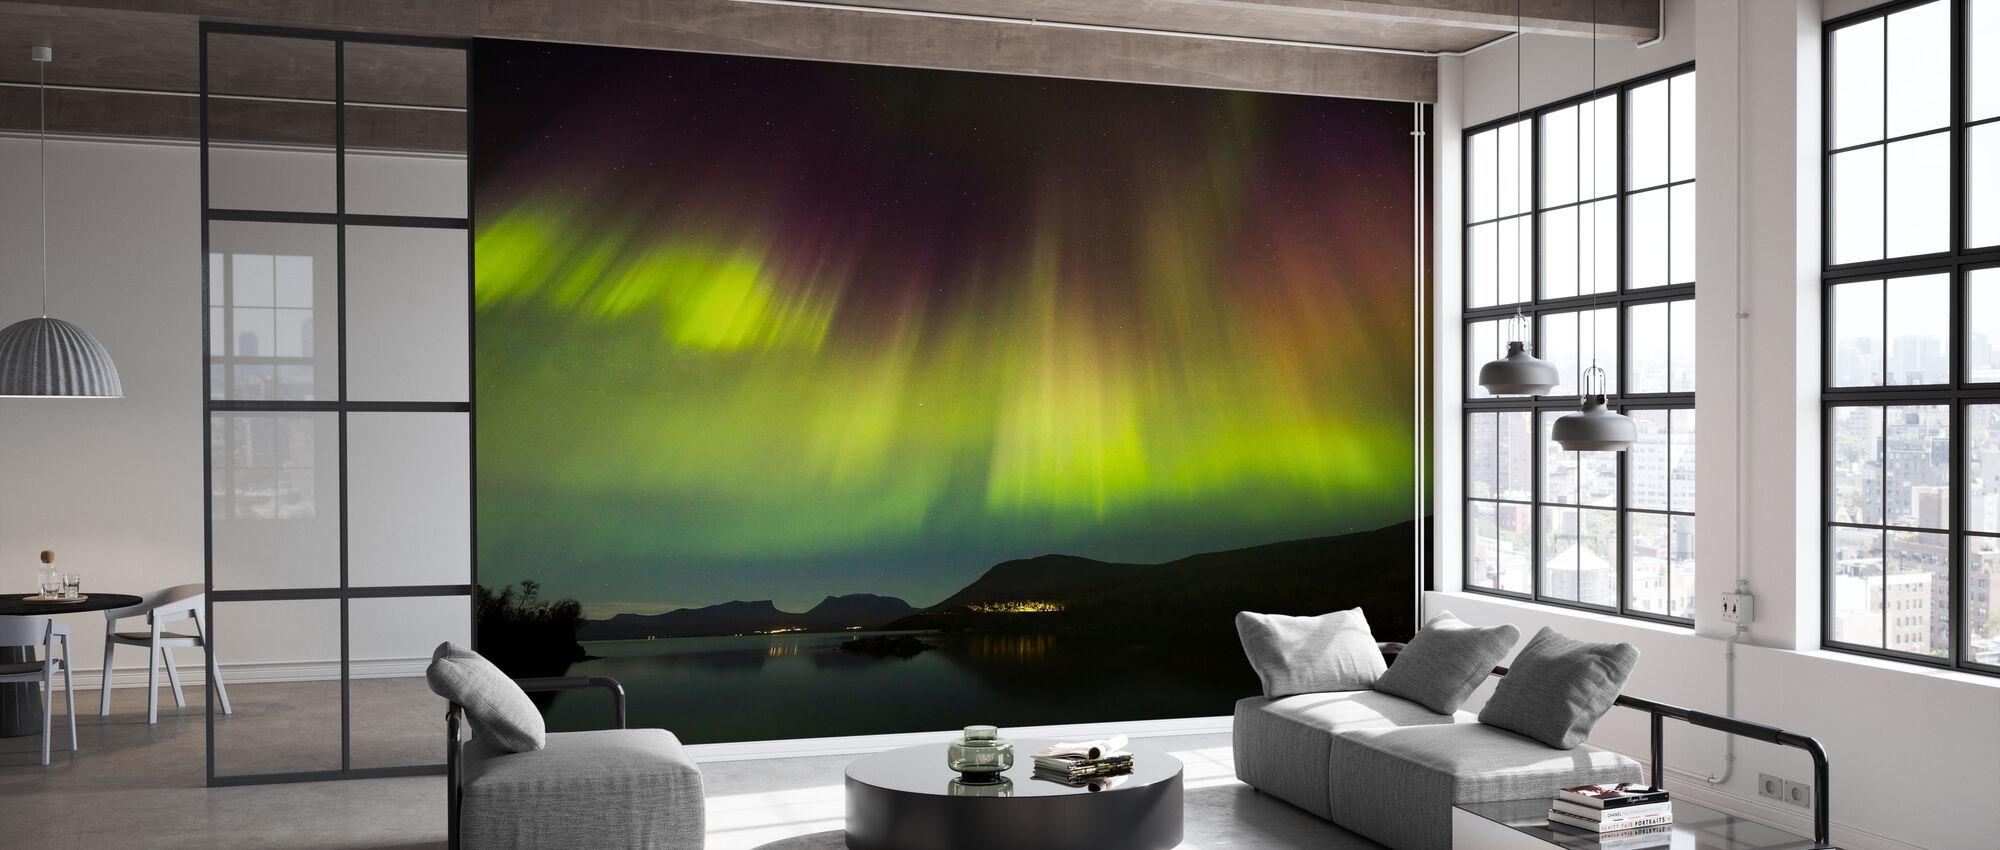 Northern Lights in Torneträsk - Sweden - Tapetti - Toimisto